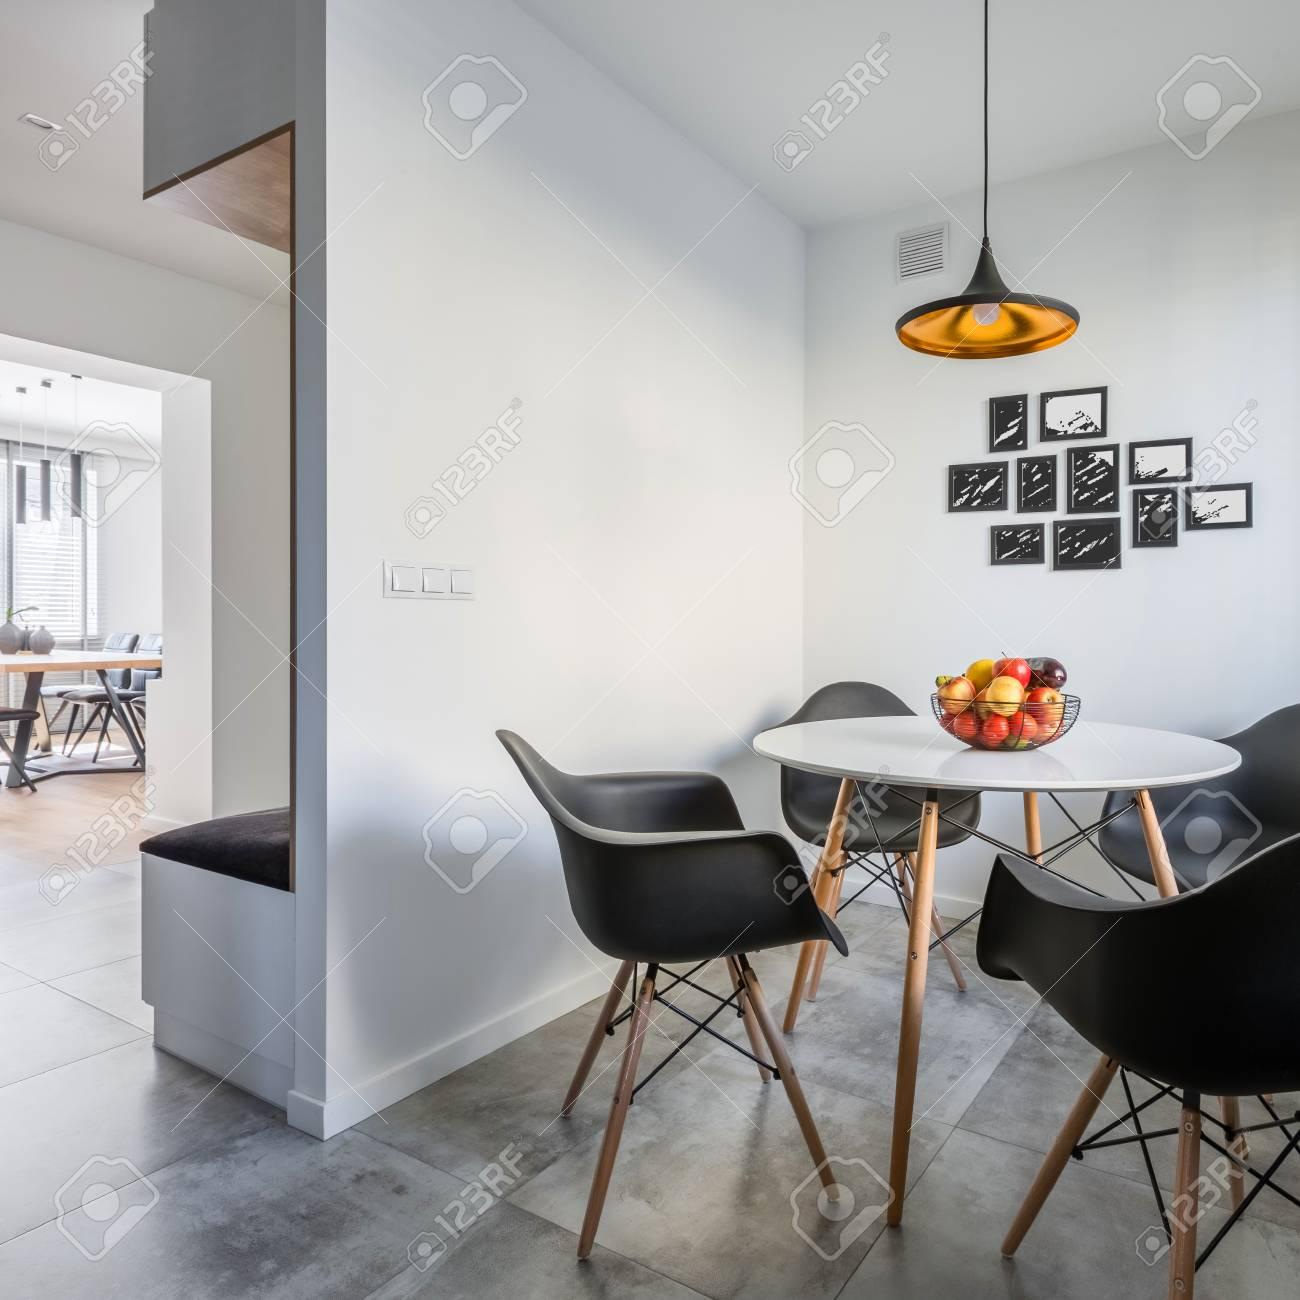 interieur de la maison moderne avec table ronde et chaises noires banque d images et photos libres de droits image 88894688